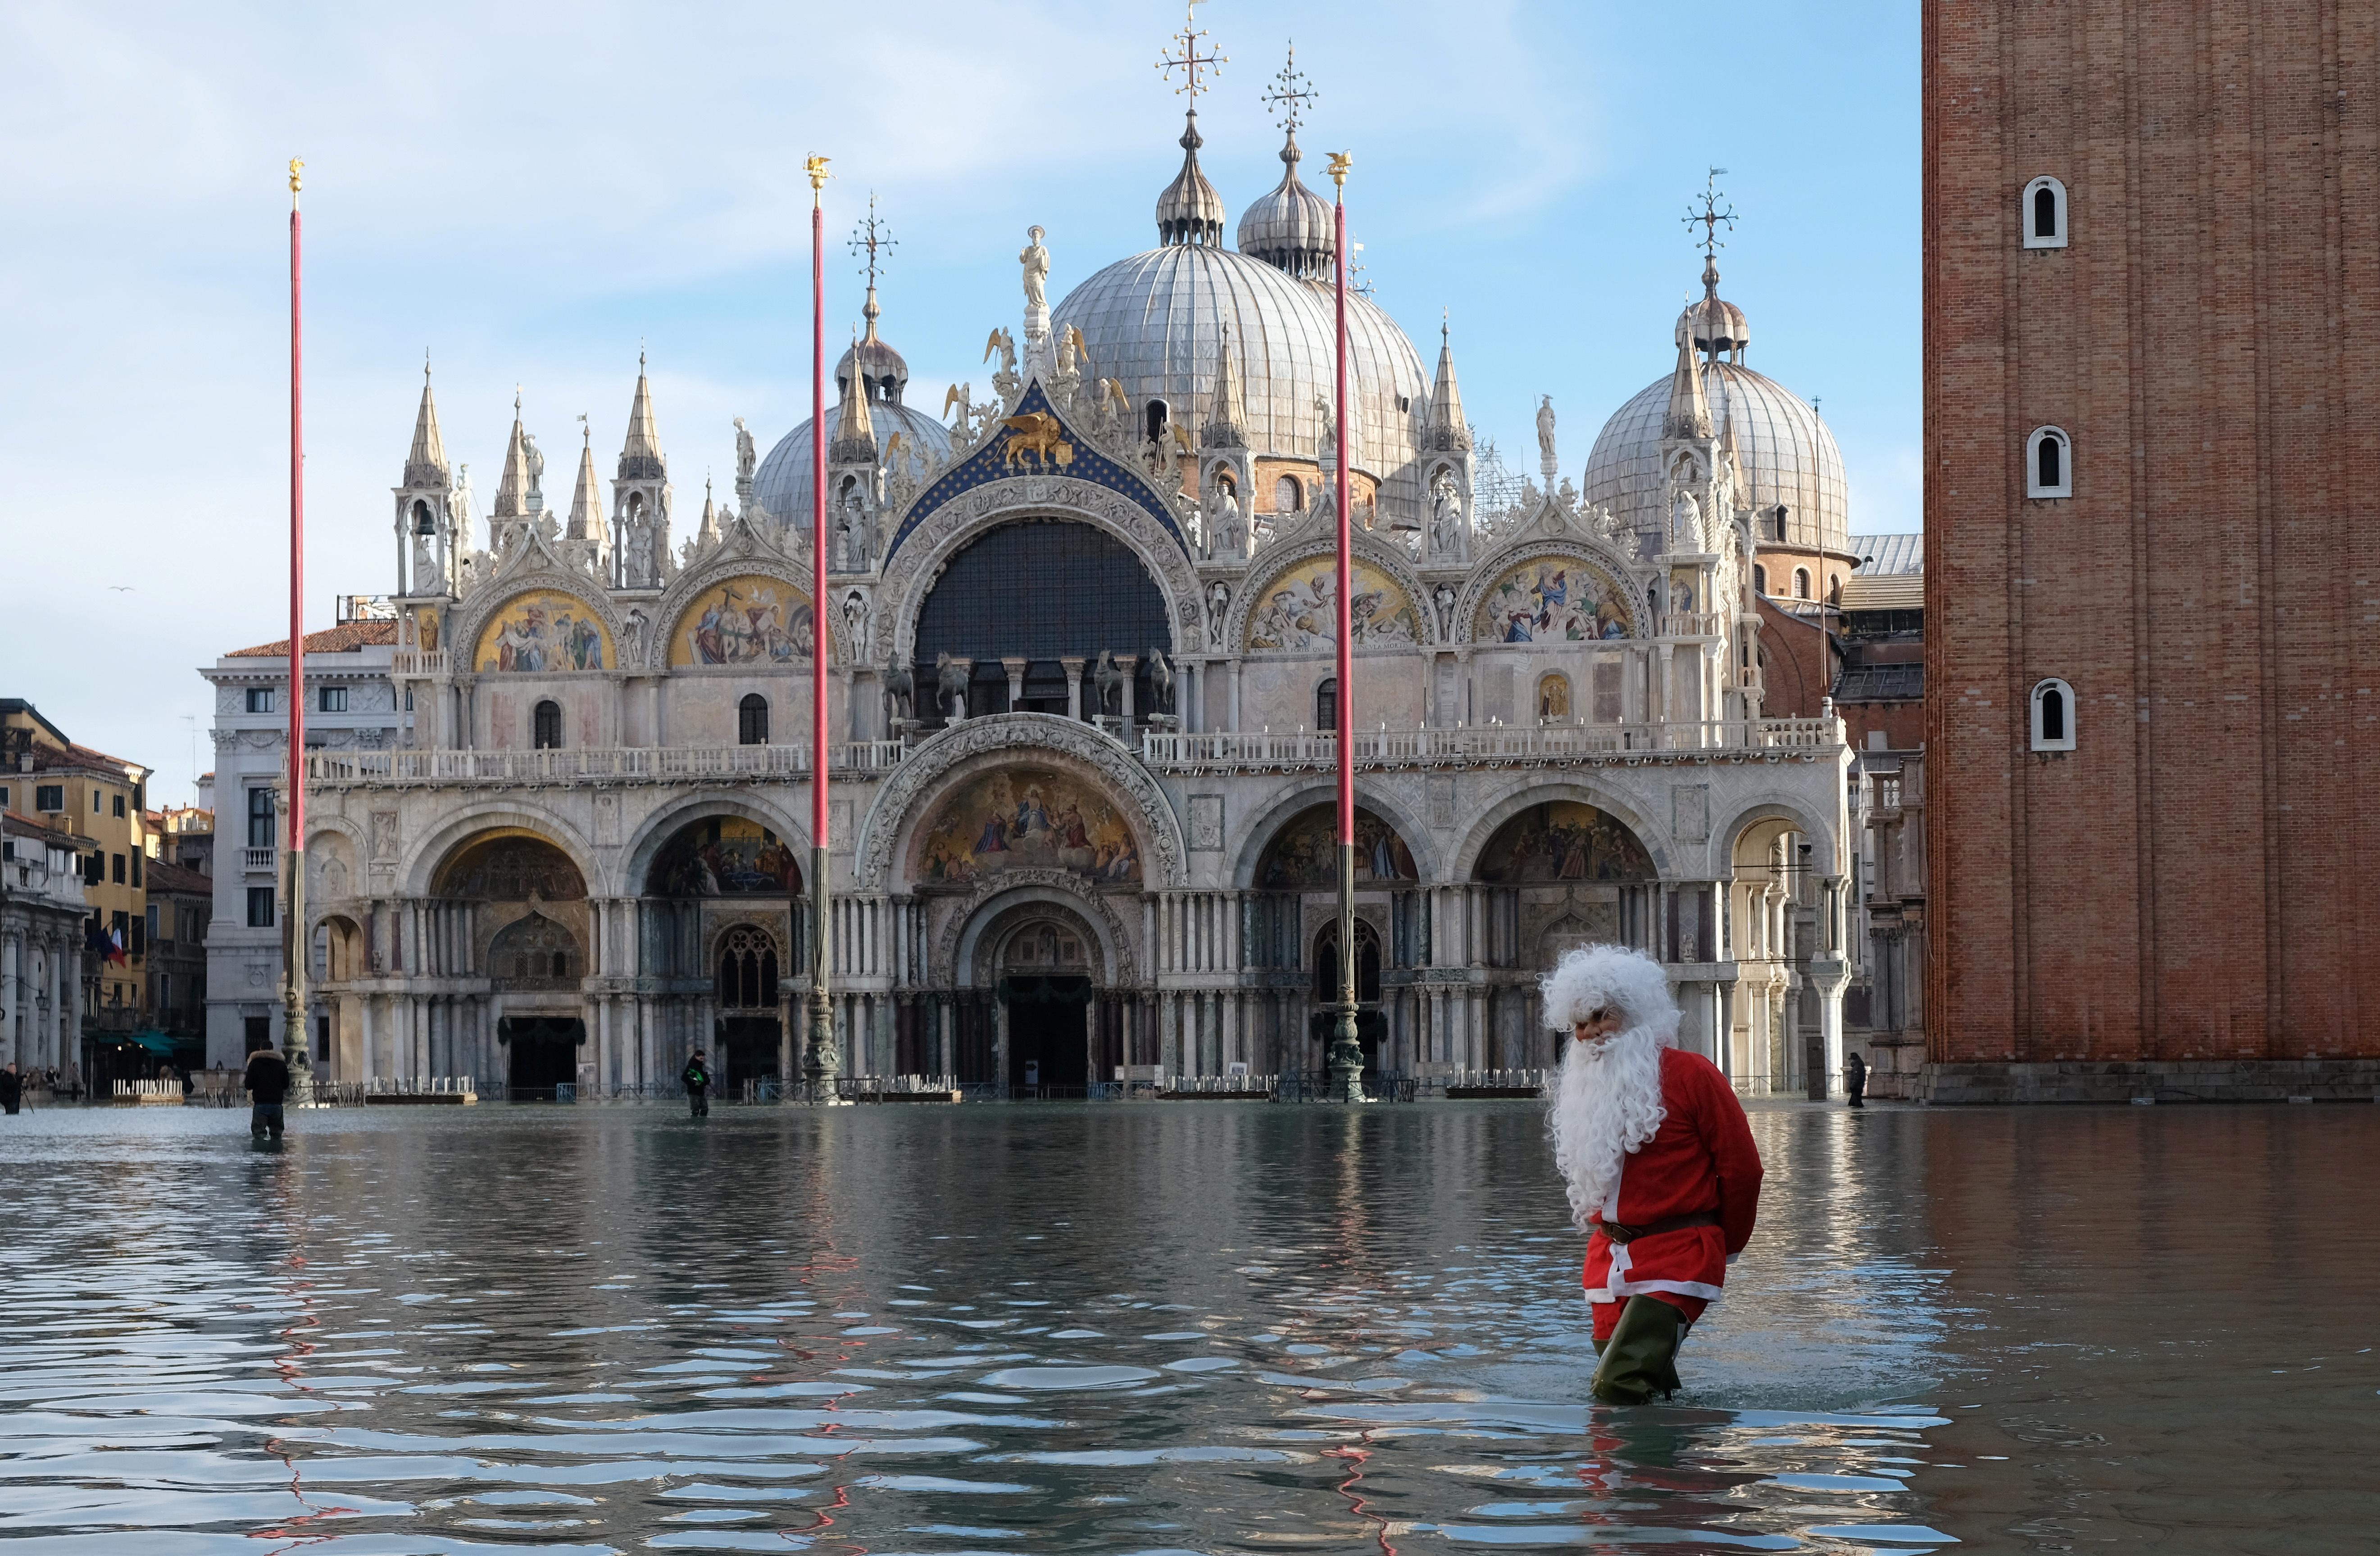 Un hombre vestido como Santa Claus vadea a través de las inundaciones en la Plaza de San Marcos durante la marea alta en Venecia, Italia, 23 de diciembre de 2019 (Reuters/ Manuel Silvestri)